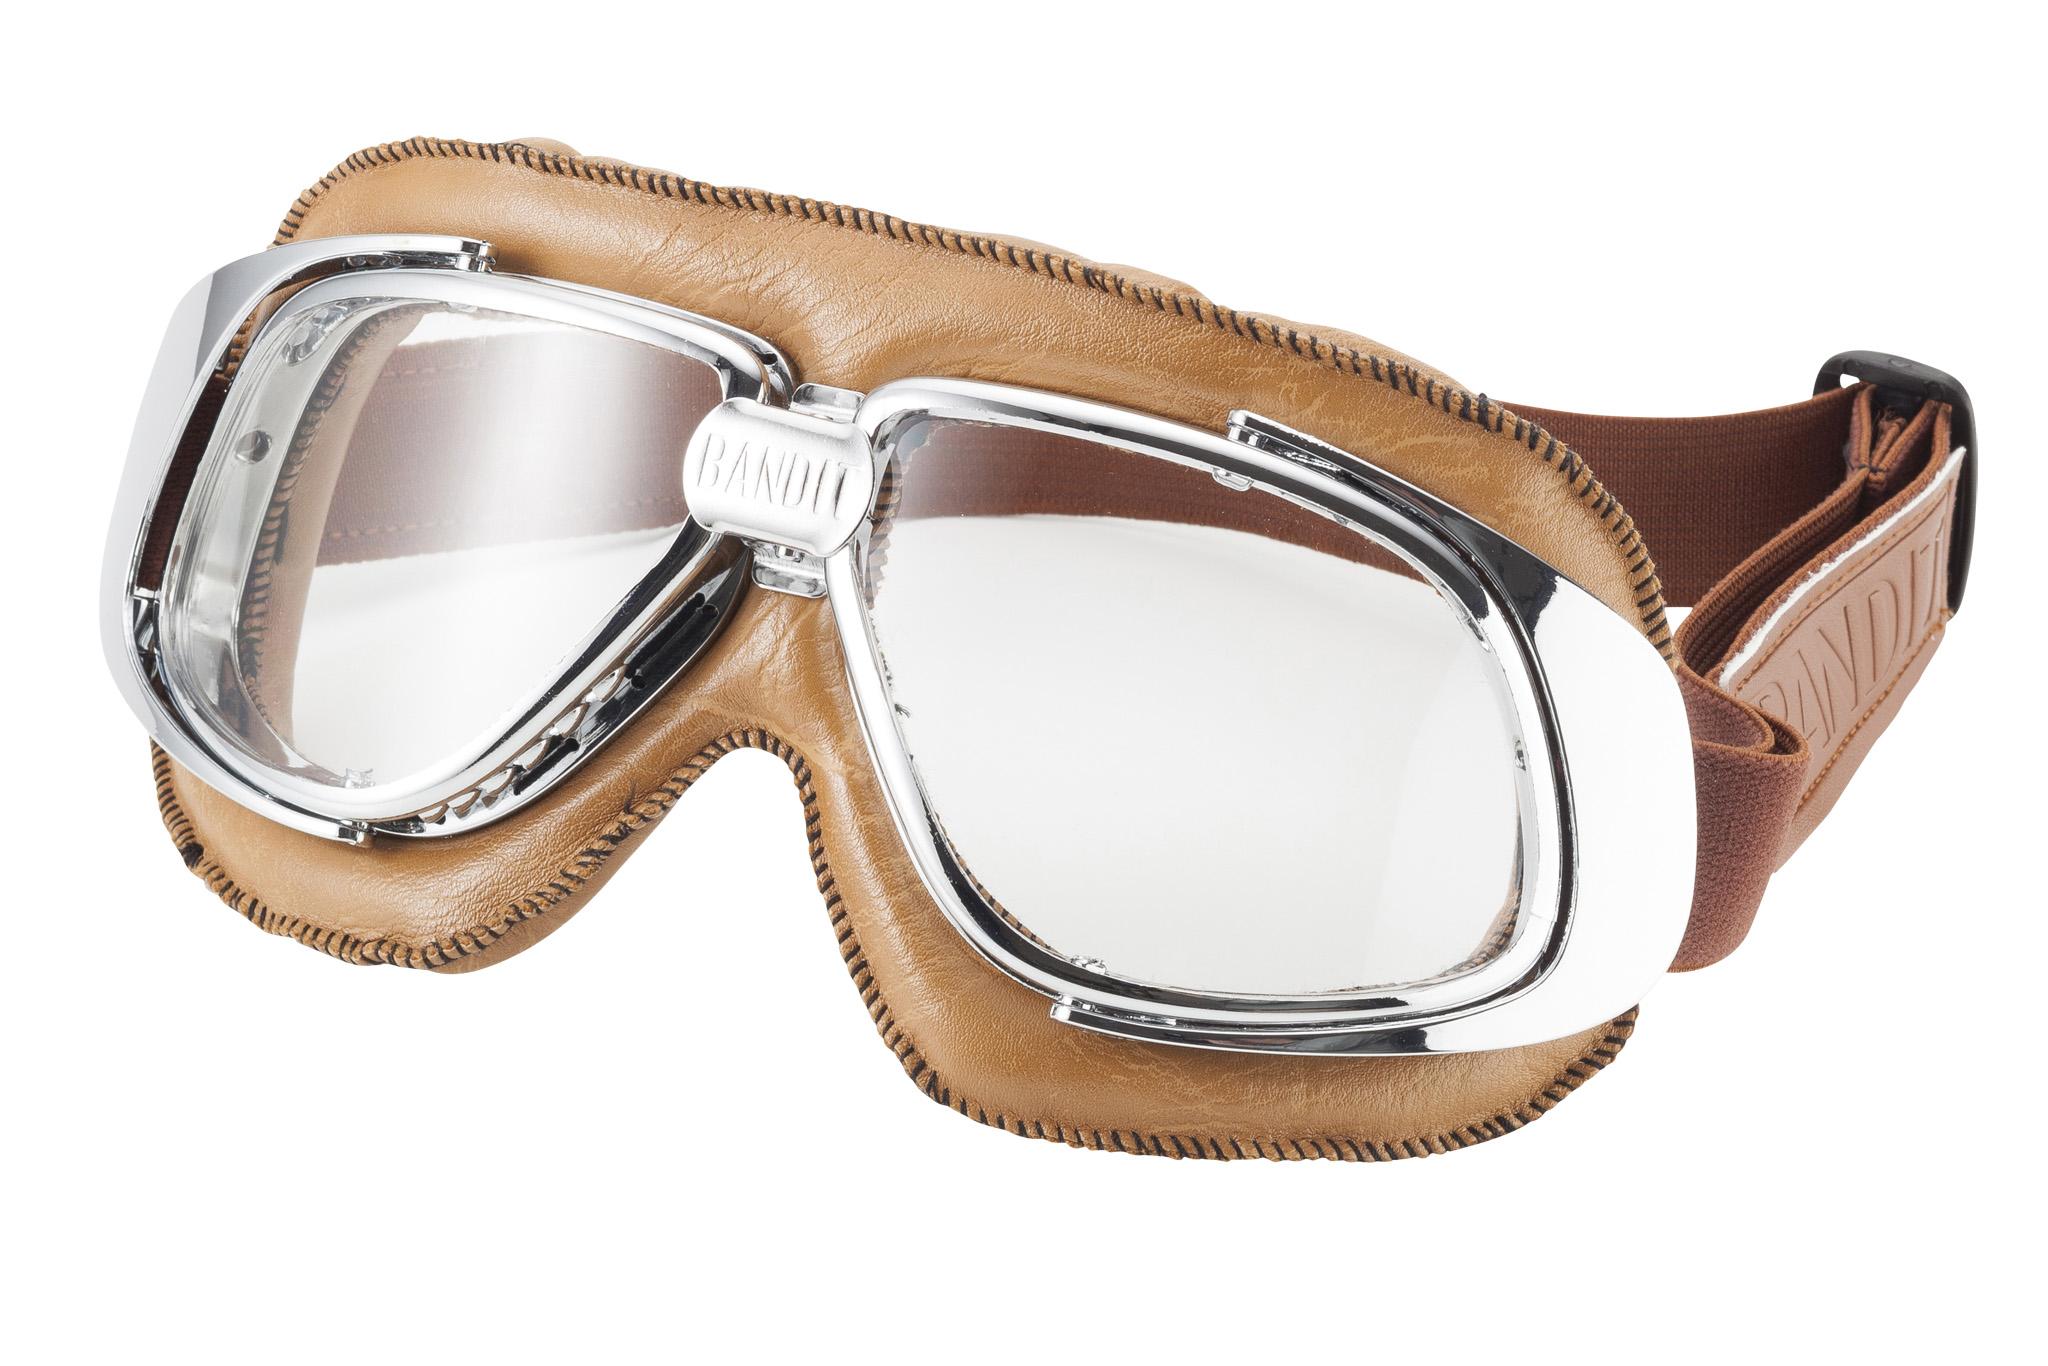 Bandit Retro szemüveg - GOG2-BCL 1244b5d4e8